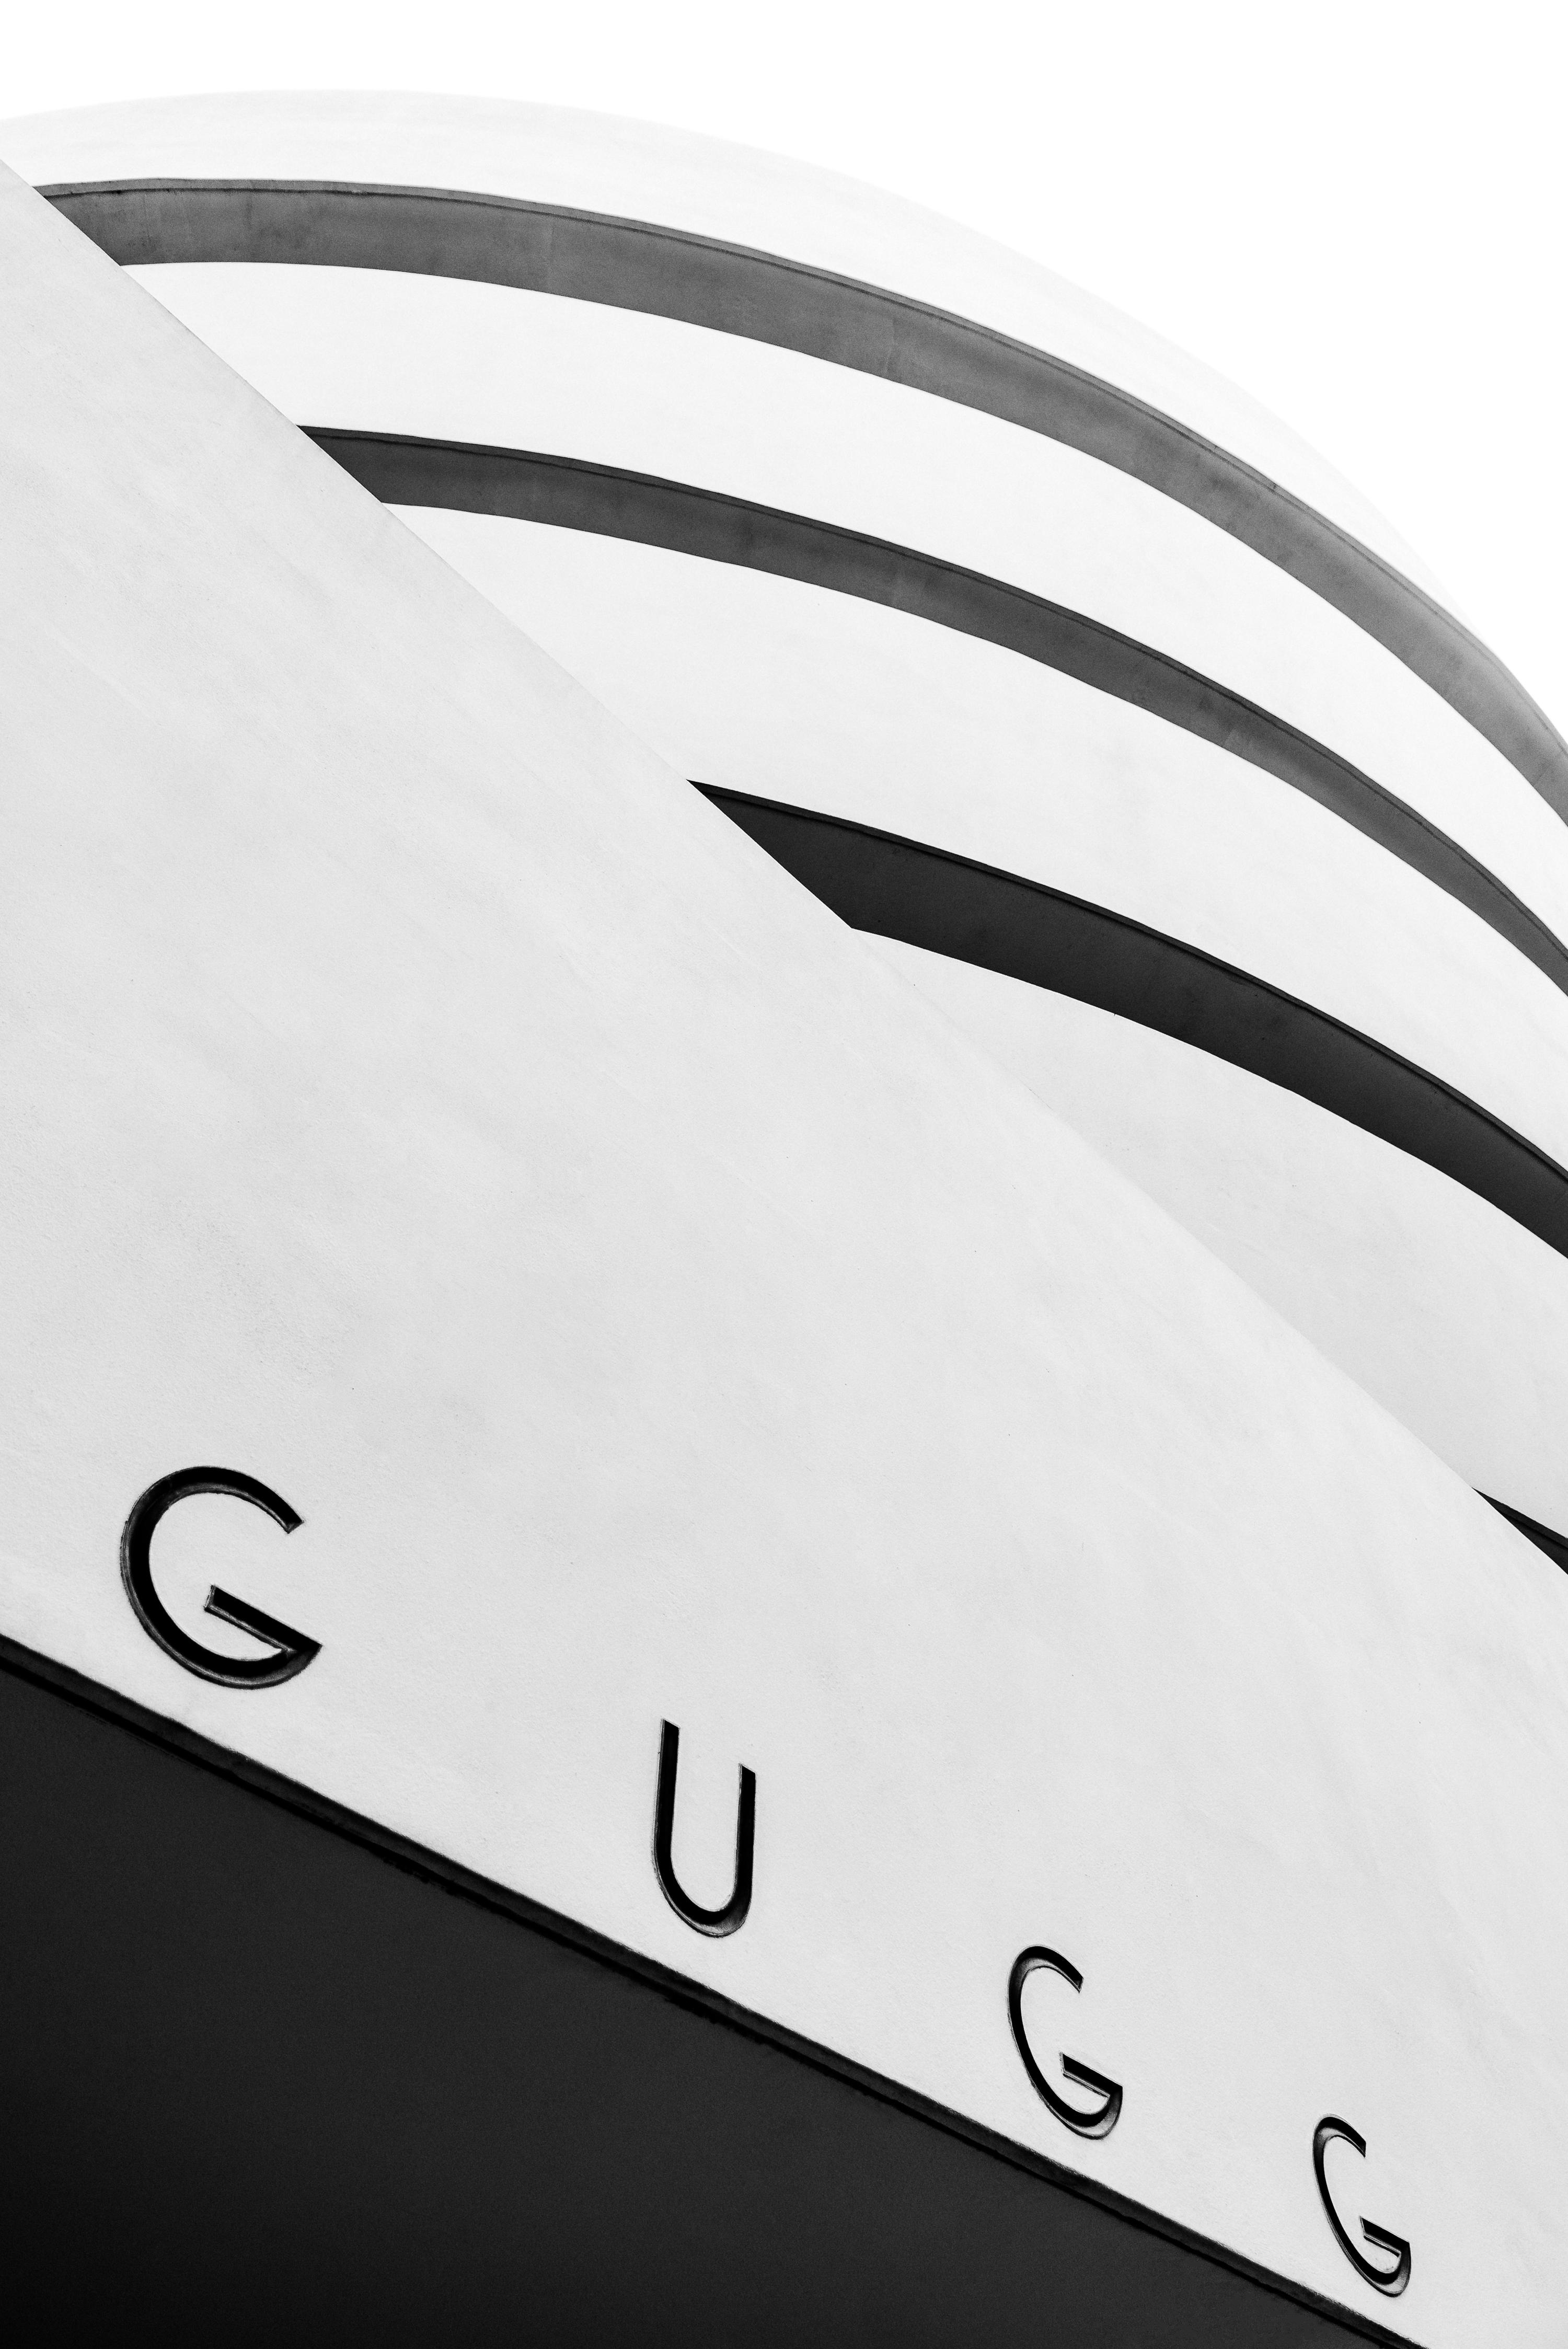 Guggenheim, NYC - United States